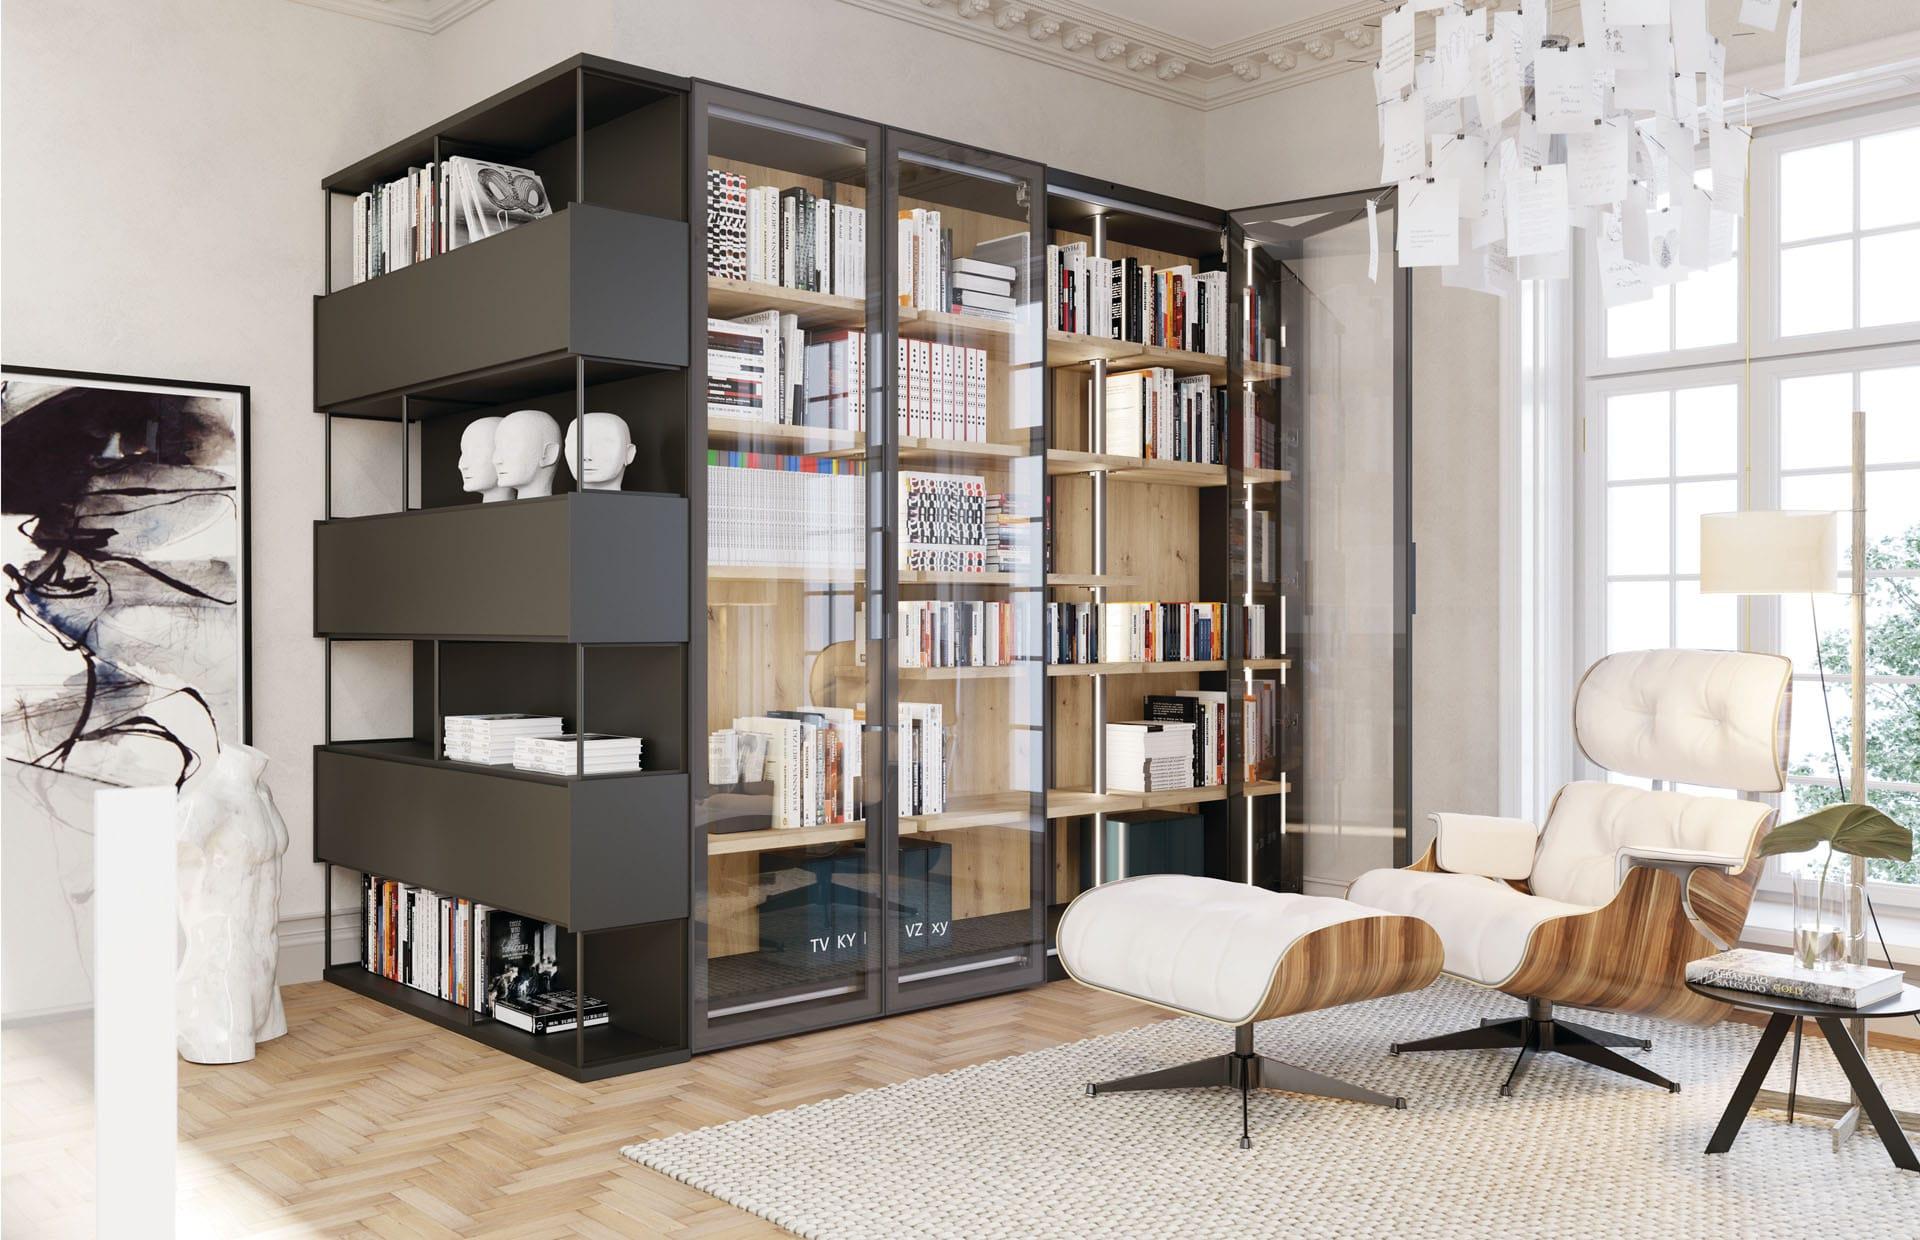 Muebles despacho trendy mobiliario with muebles despacho for Muebles jobe